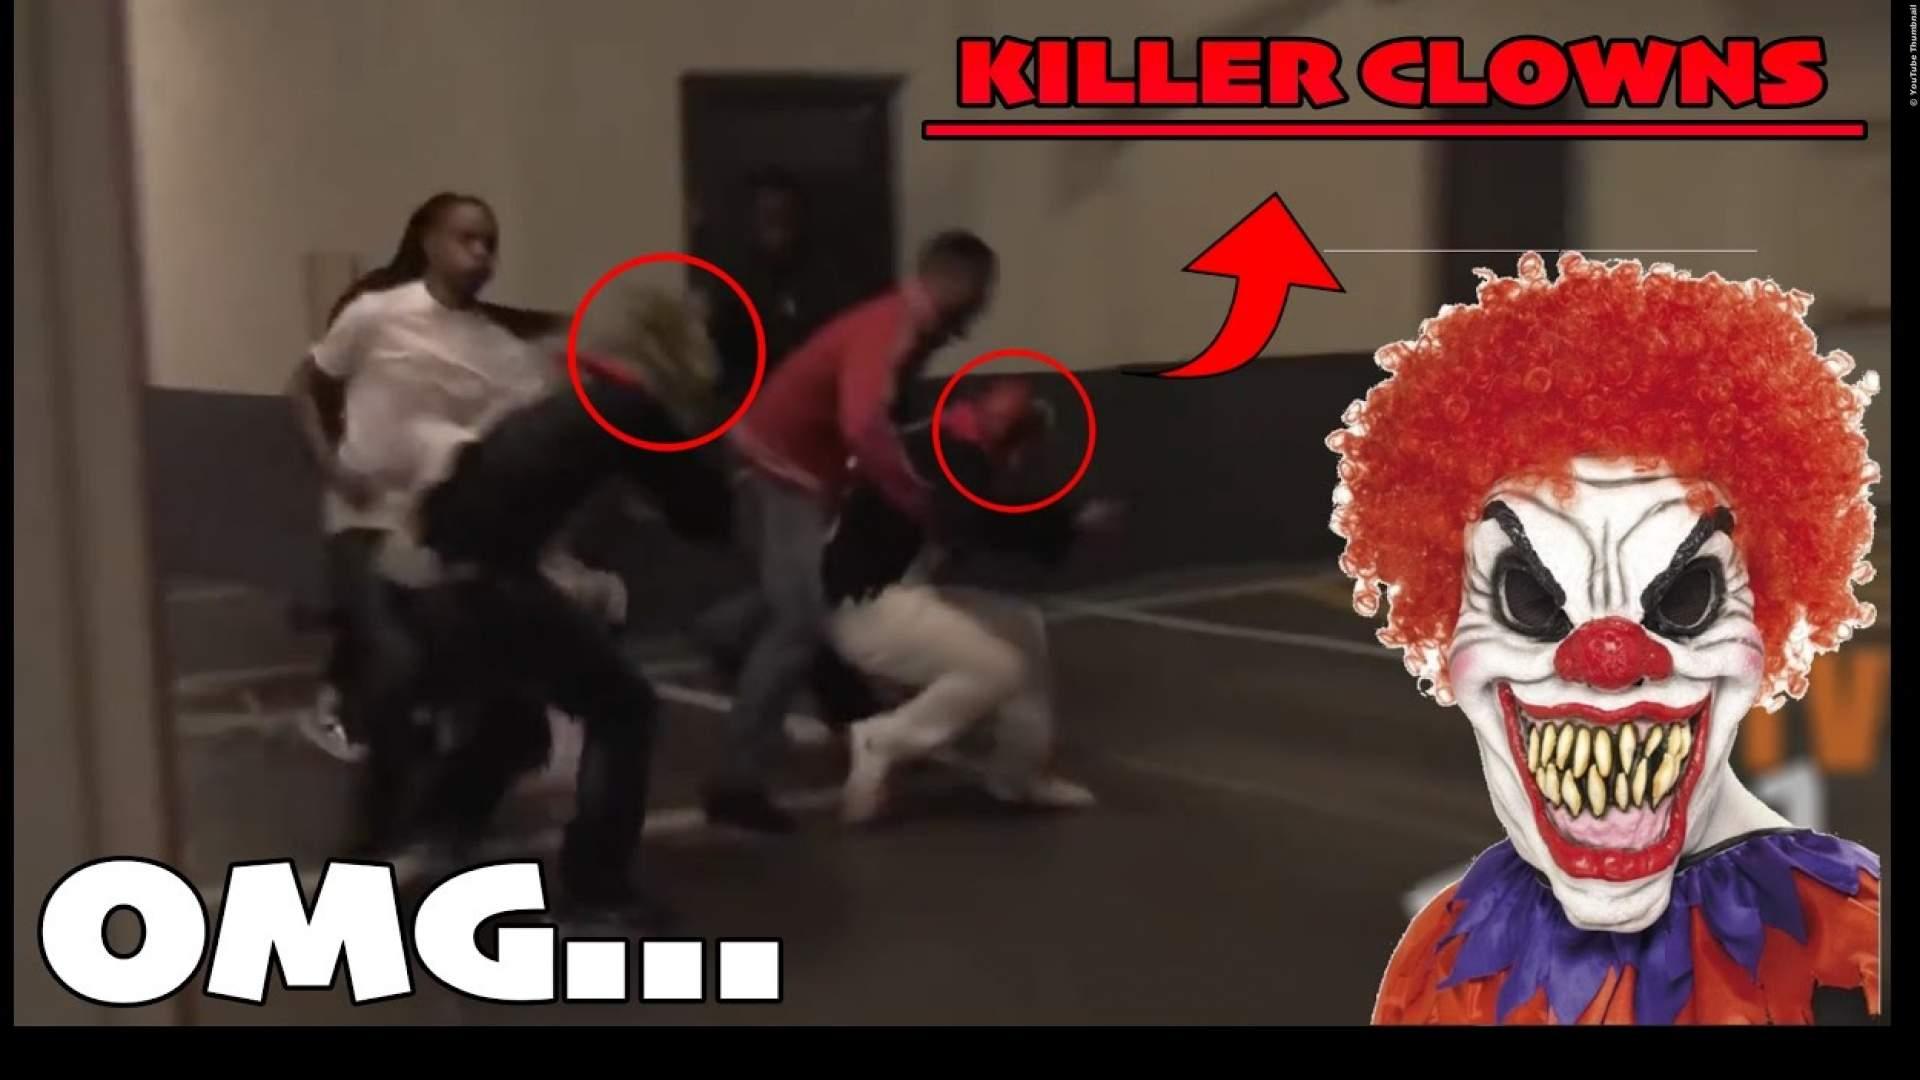 VIDEO: 'Killer Clowns' werden heftig verprügel - Streich geht schief